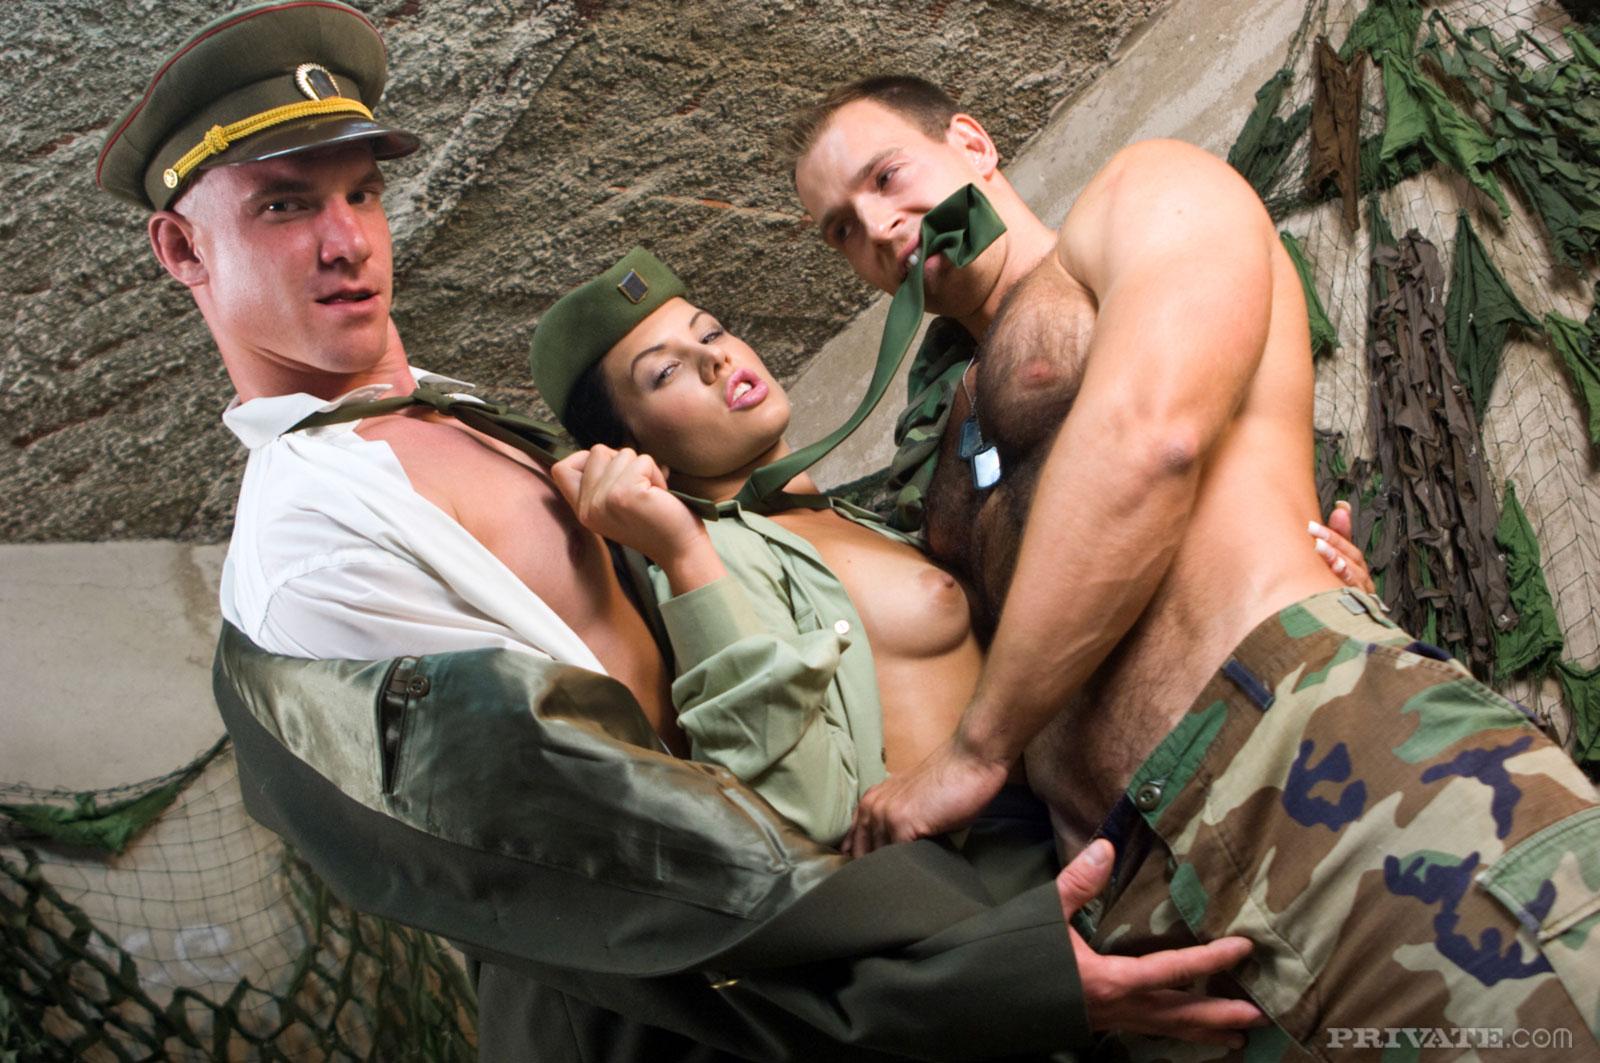 мой рот военный порно фильмы сын все время